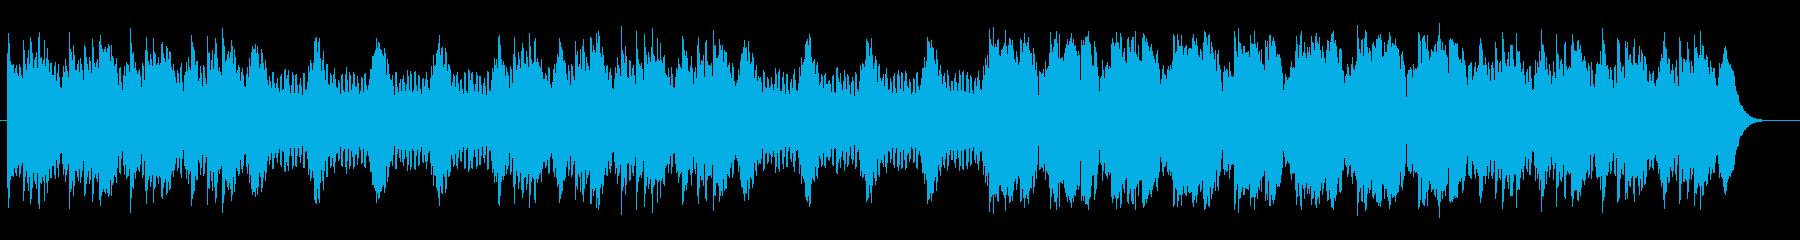 どこか切なさを感じさせる神秘的なテクノの再生済みの波形